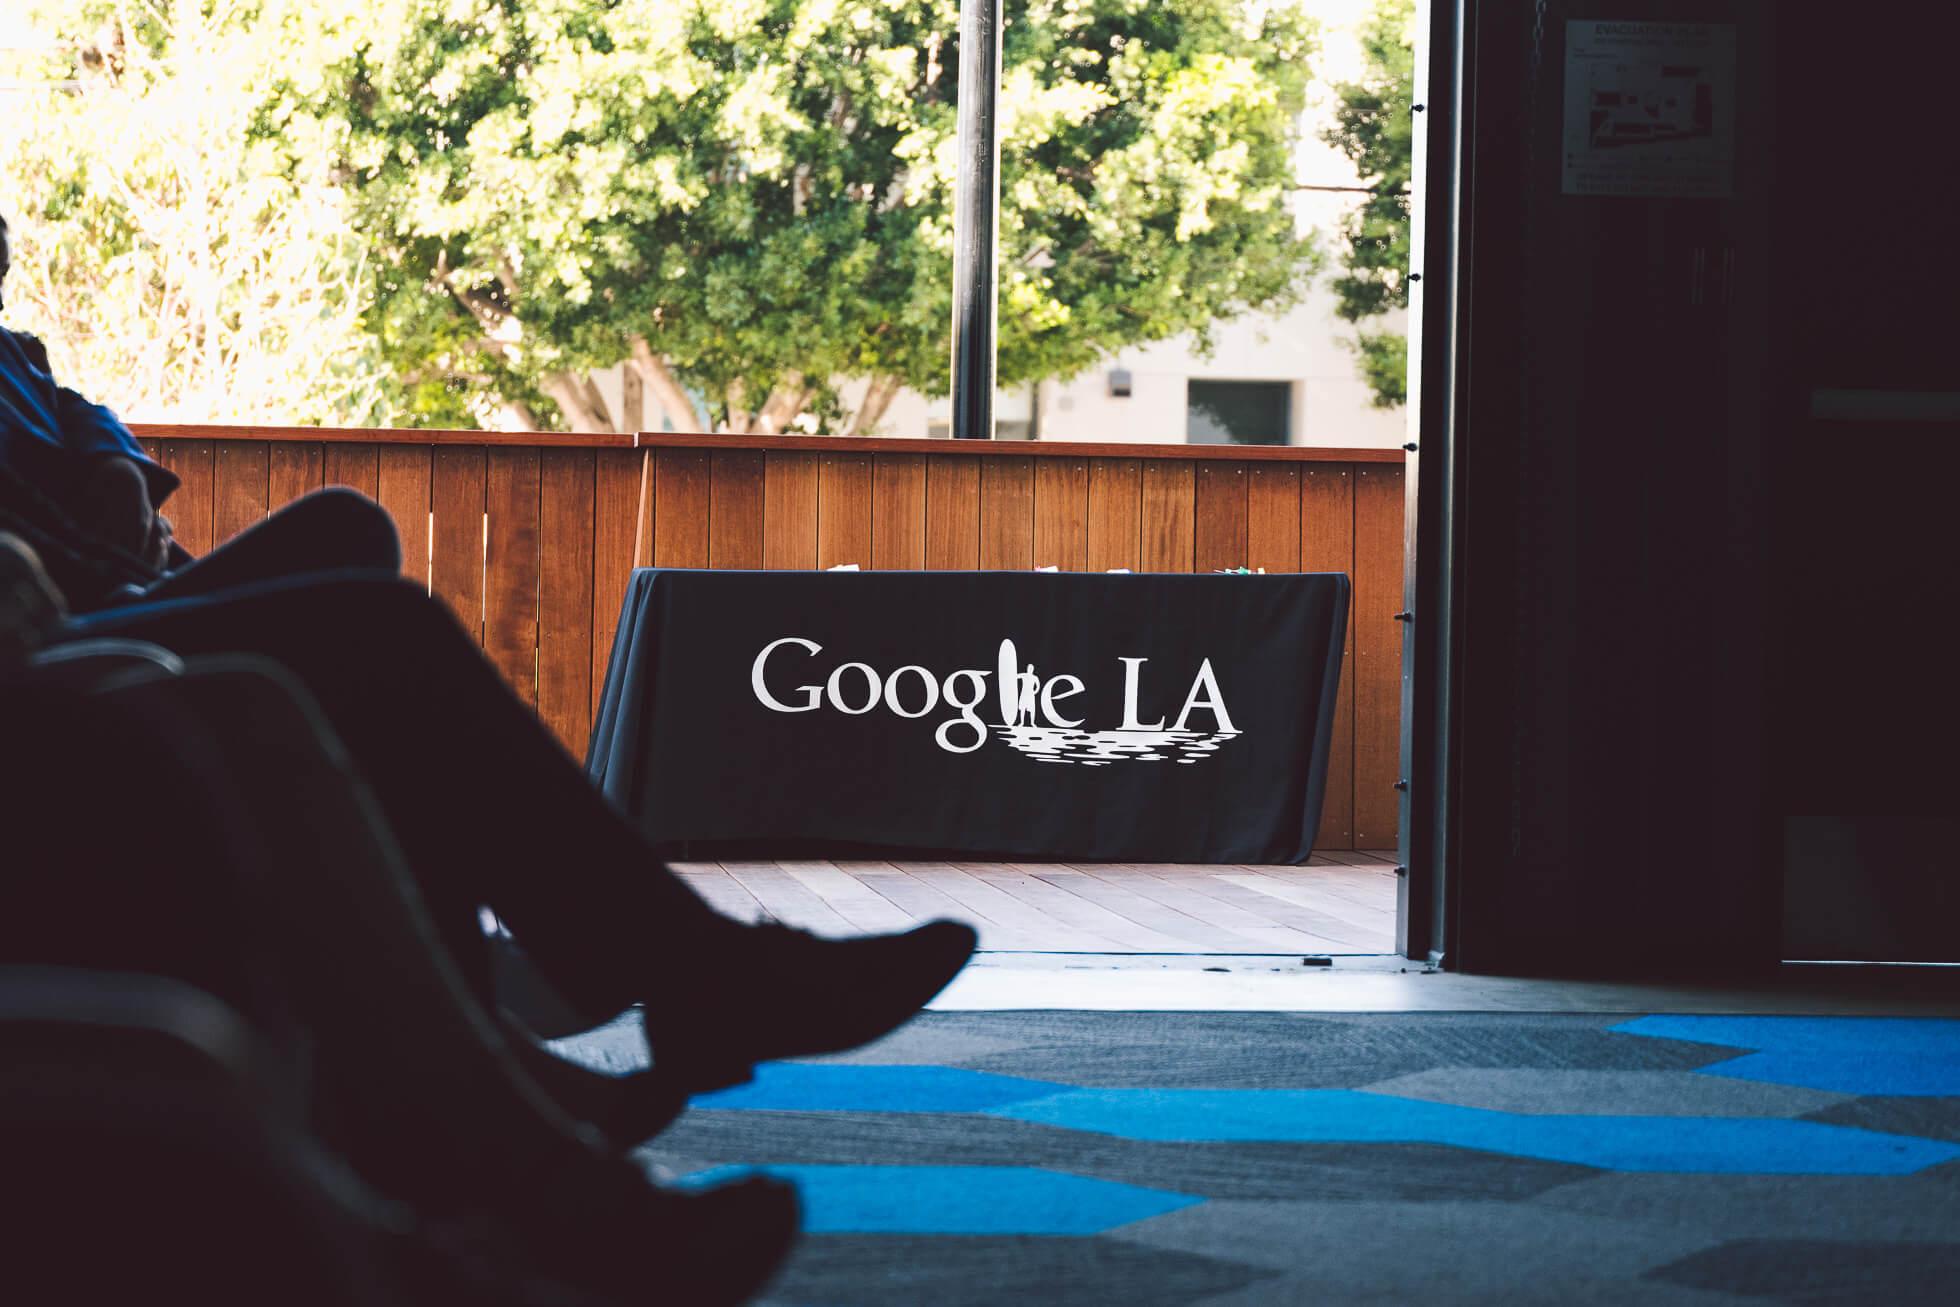 janni-deler-google-laL1020229